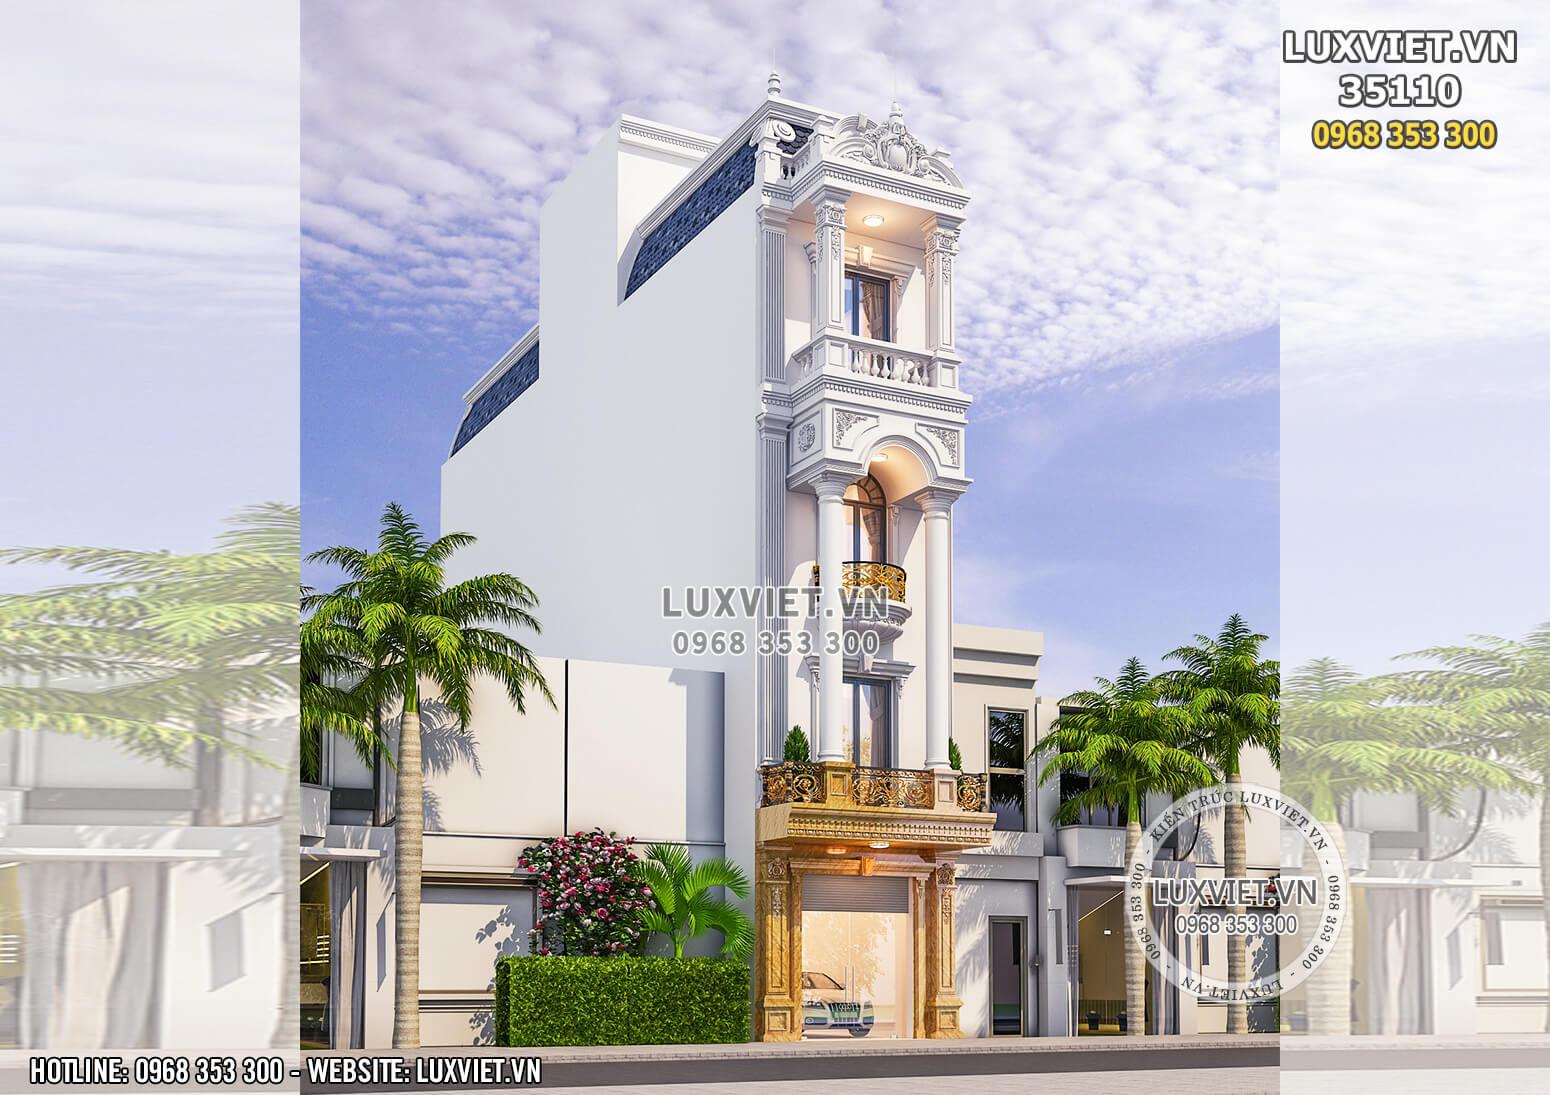 Hình ảnh: Mẫu nhà phố 4 tầng tân cổ điển mặt tiền 5m - LV 35110